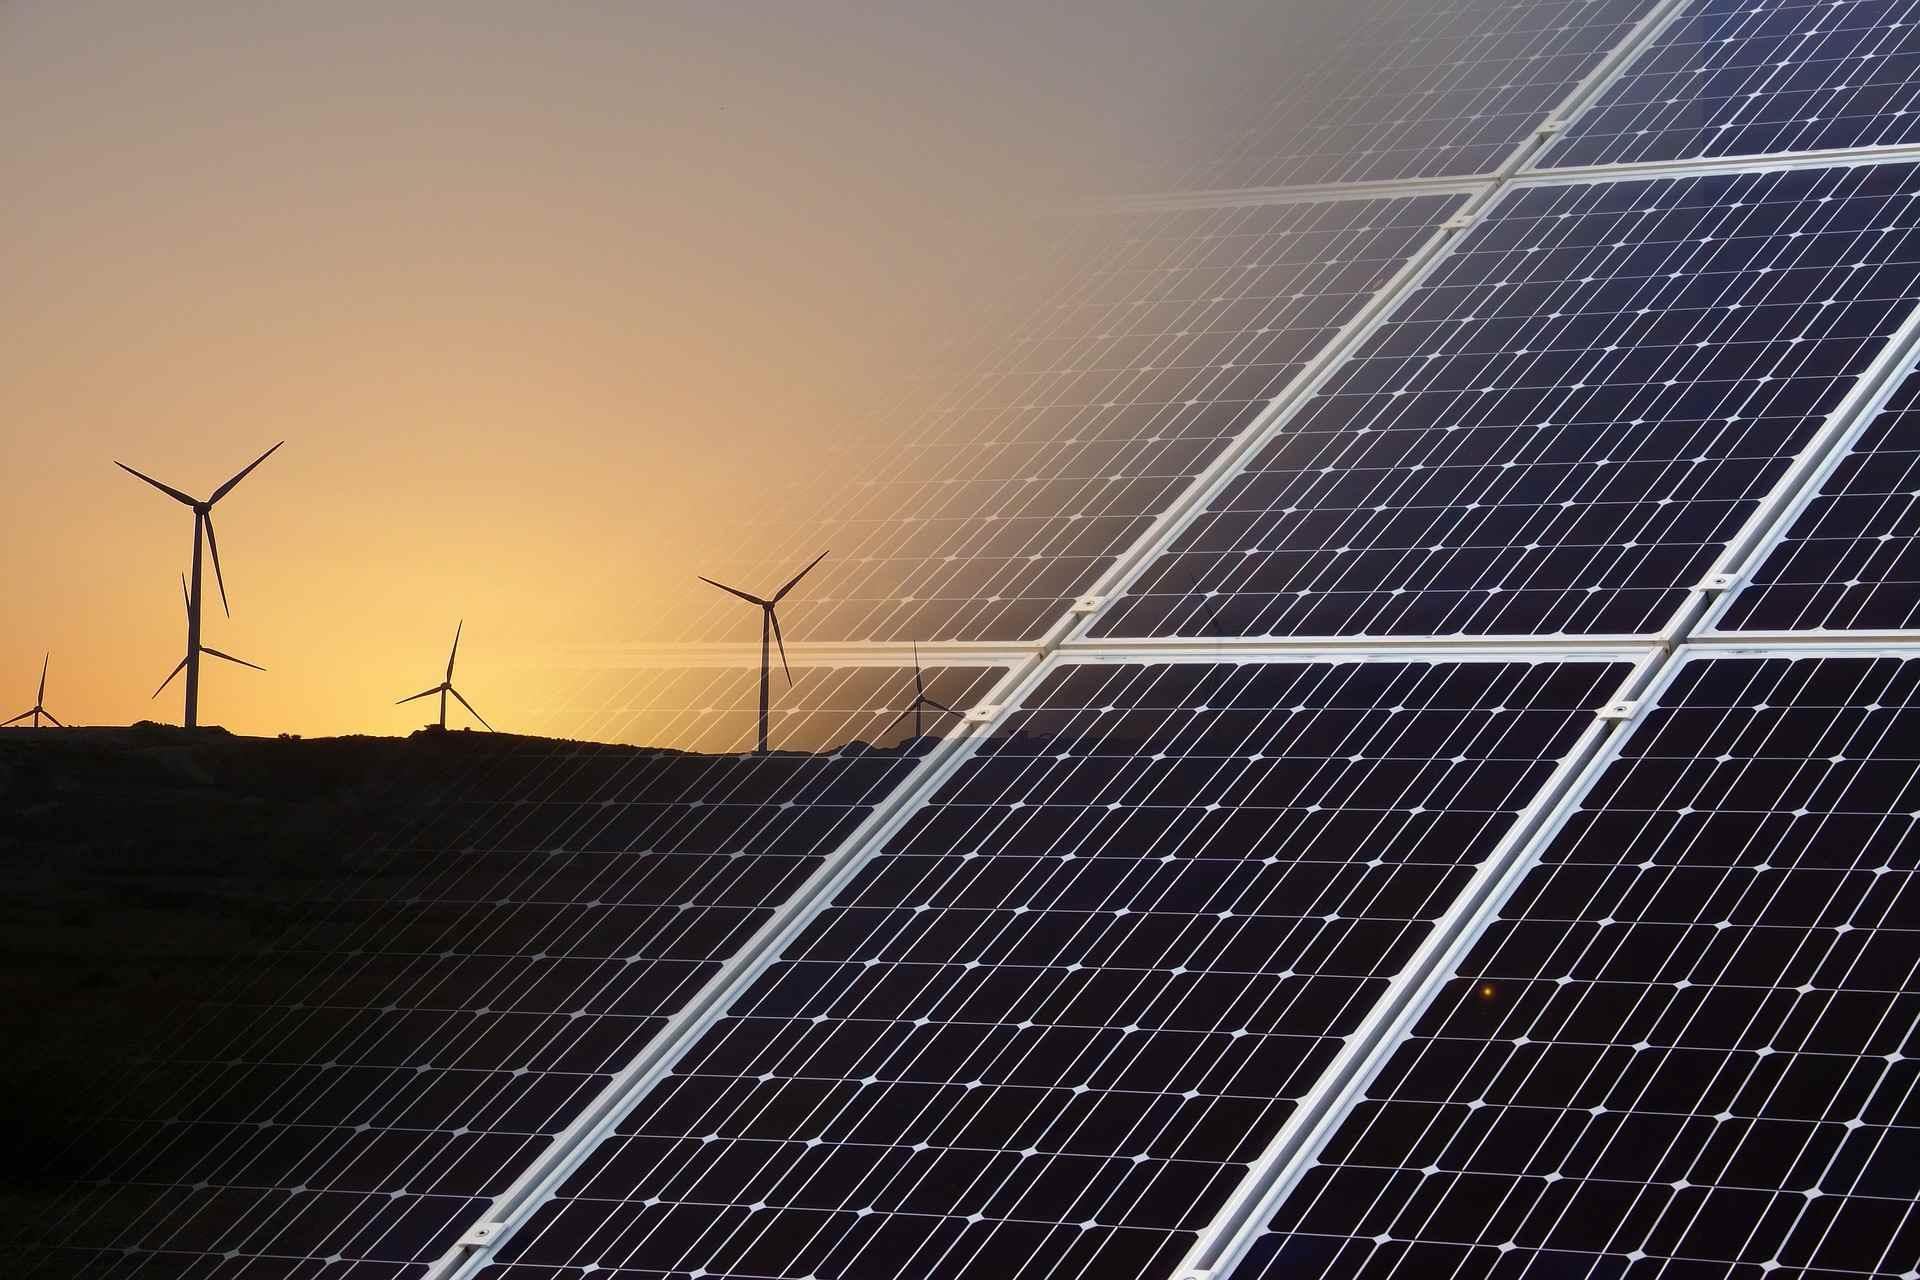 Groene energie of sjoemel energie: kijk en vergelijk